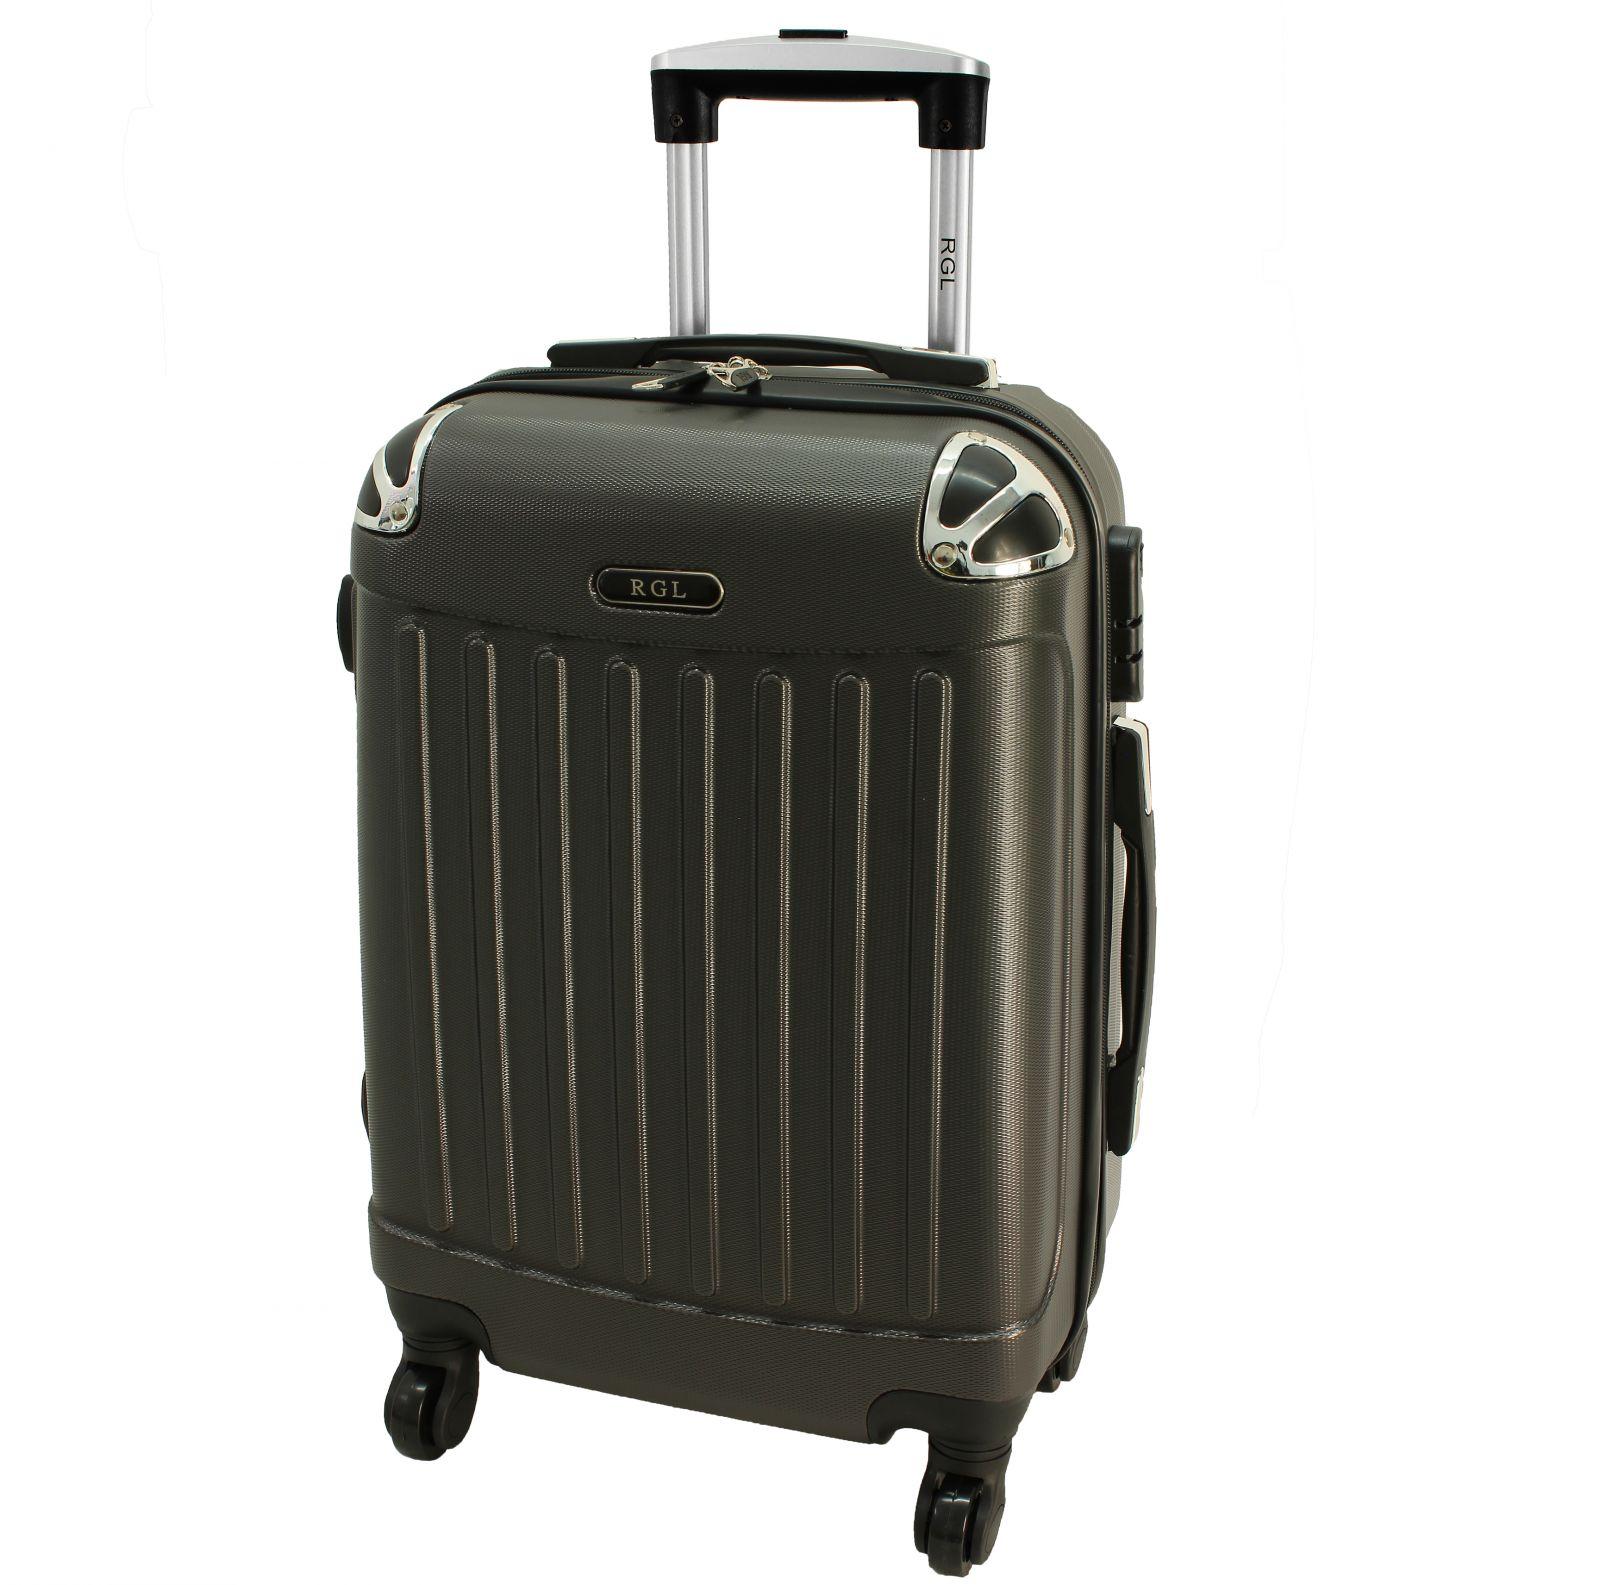 Cestovní kufr RGL 735 ABS GRAFIT malý S